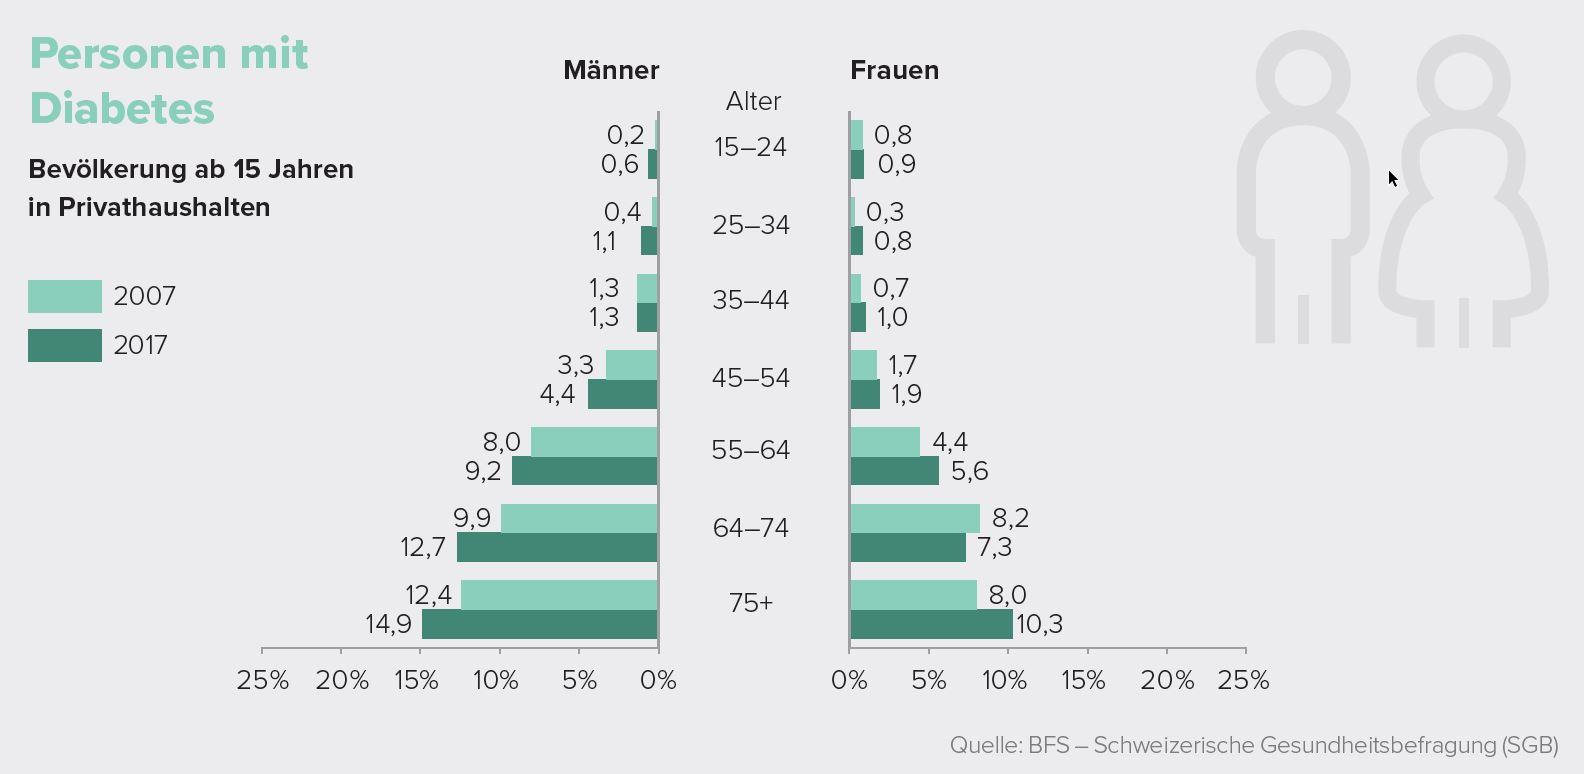 Personen mit Diabetes ab 15 Jahren in Privathaushalten 2007-2017